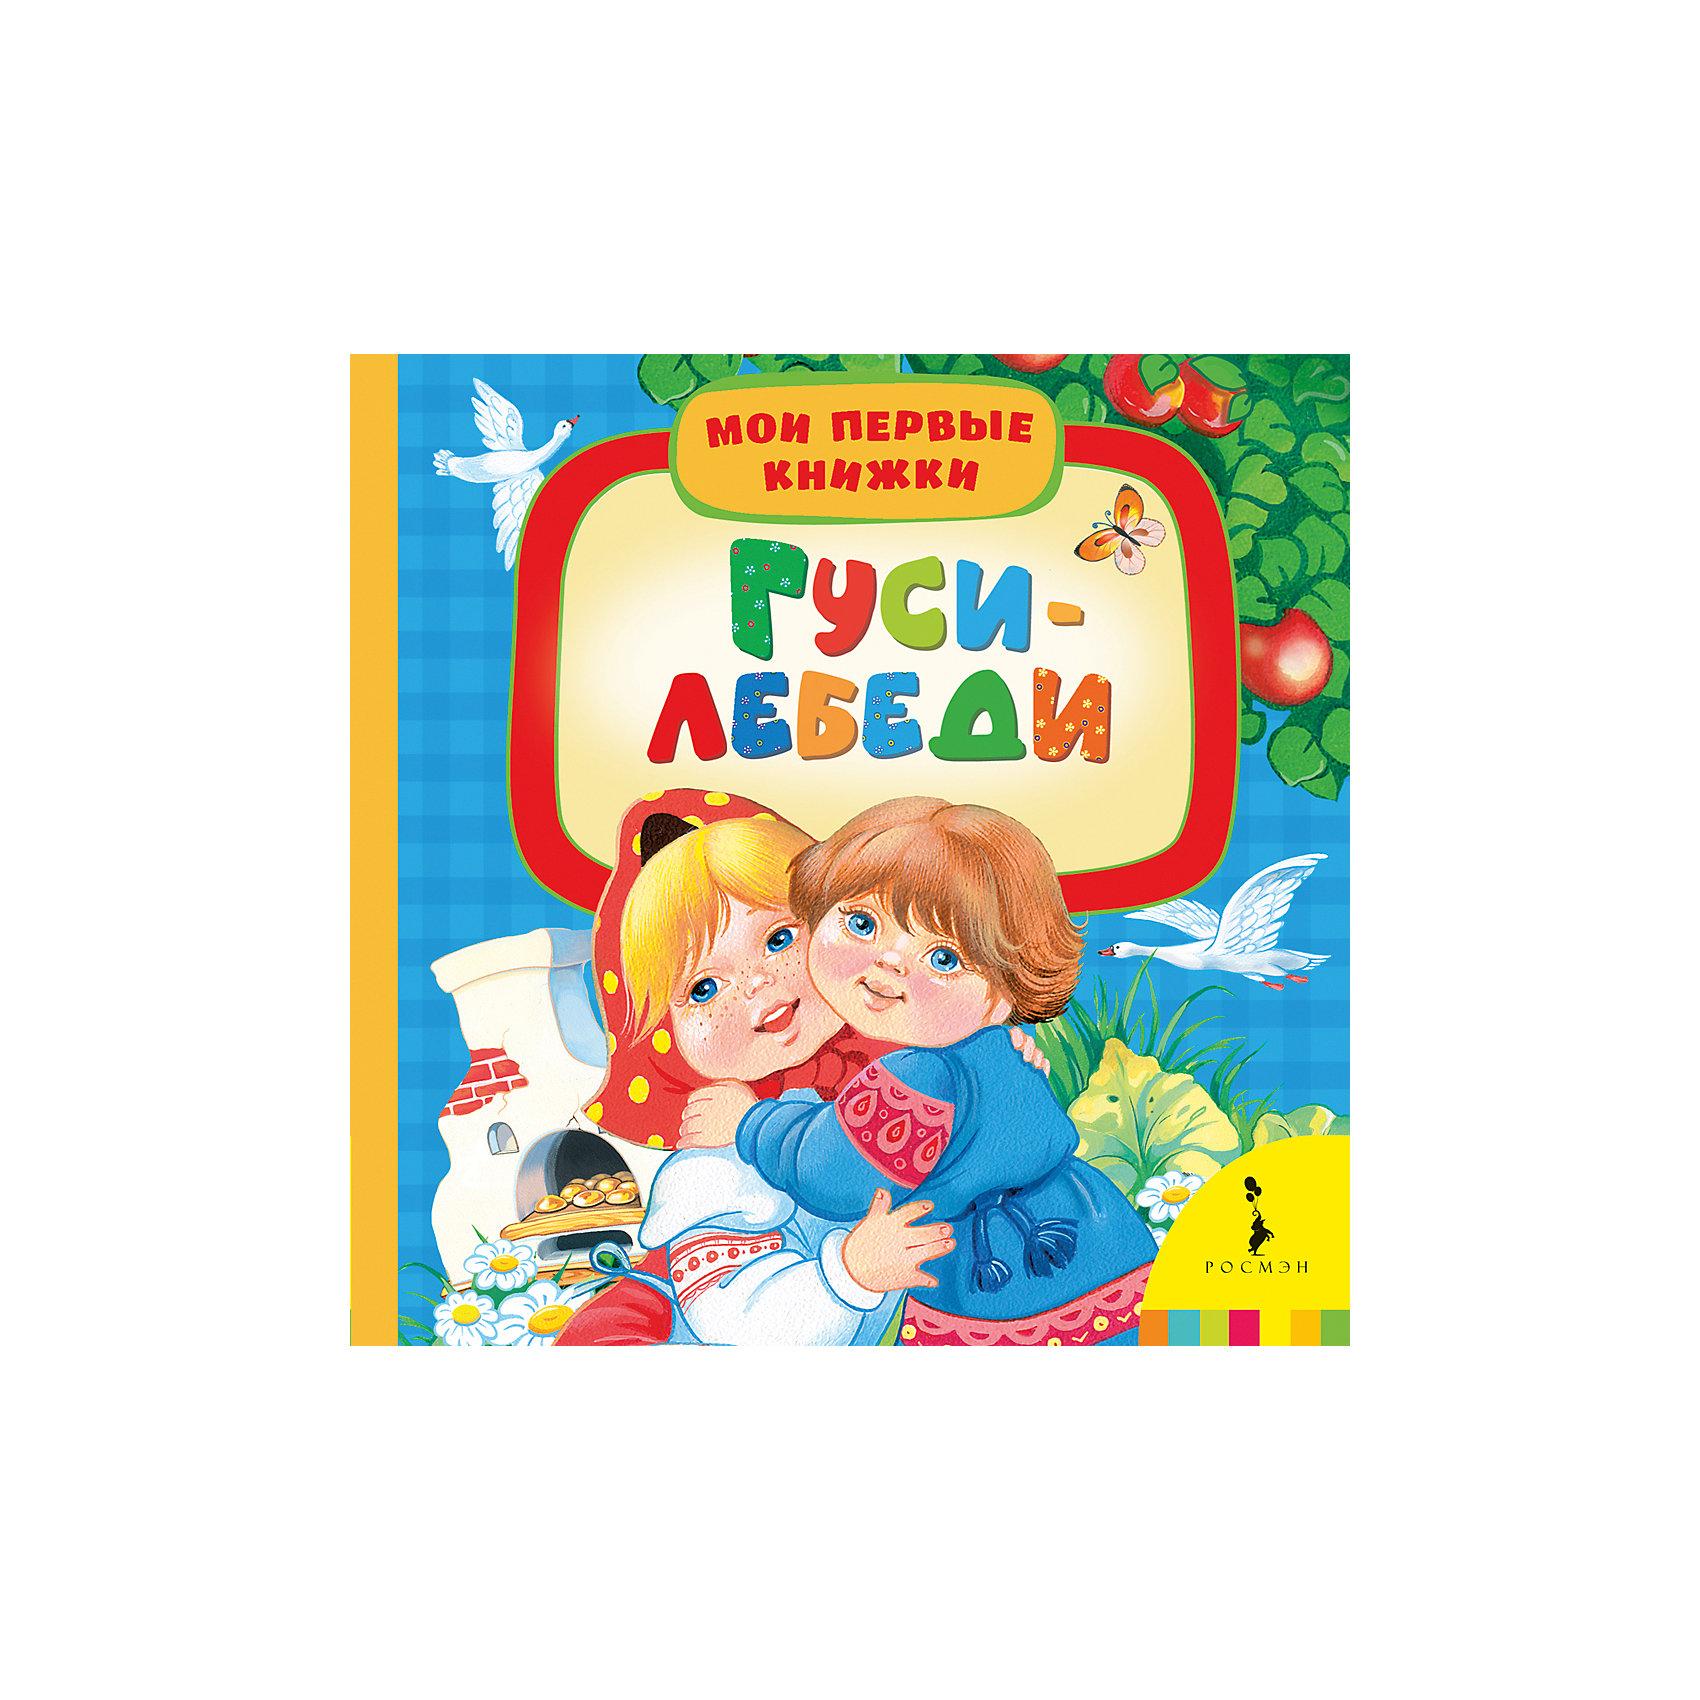 Гуси-лебеди, Мои первые книжкиРосмэн<br>Характеристики товара:<br><br>- цвет: разноцветный;<br>- материал: картон;<br>- страниц: 14;<br>- формат: 17 х 17 см;<br>- обложка: картон;<br>- возраст: от 1 года. <br><br>Издания серии Мои первые книжки - отличный способ занять ребенка! Эта красочная книга станет отличным подарком для родителей и малыша. Она содержит в себе известные сказки, которые так любят дети. Отличный способ привить малышу любовь к чтению! Удобный формат и плотные странички позволят брать книгу с собой в поездки.<br>Чтение и рассматривание картинок даже в юном возрасте помогает ребенку развивать память, концентрацию внимания и воображение. Издание произведено из качественных материалов, которые безопасны даже для самых маленьких.<br><br>Издание Гуси-лебеди, Мои первые книжки от компании Росмэн можно купить в нашем интернет-магазине.<br><br>Ширина мм: 165<br>Глубина мм: 165<br>Высота мм: 18<br>Вес г: 305<br>Возраст от месяцев: 0<br>Возраст до месяцев: 36<br>Пол: Унисекс<br>Возраст: Детский<br>SKU: 5110286